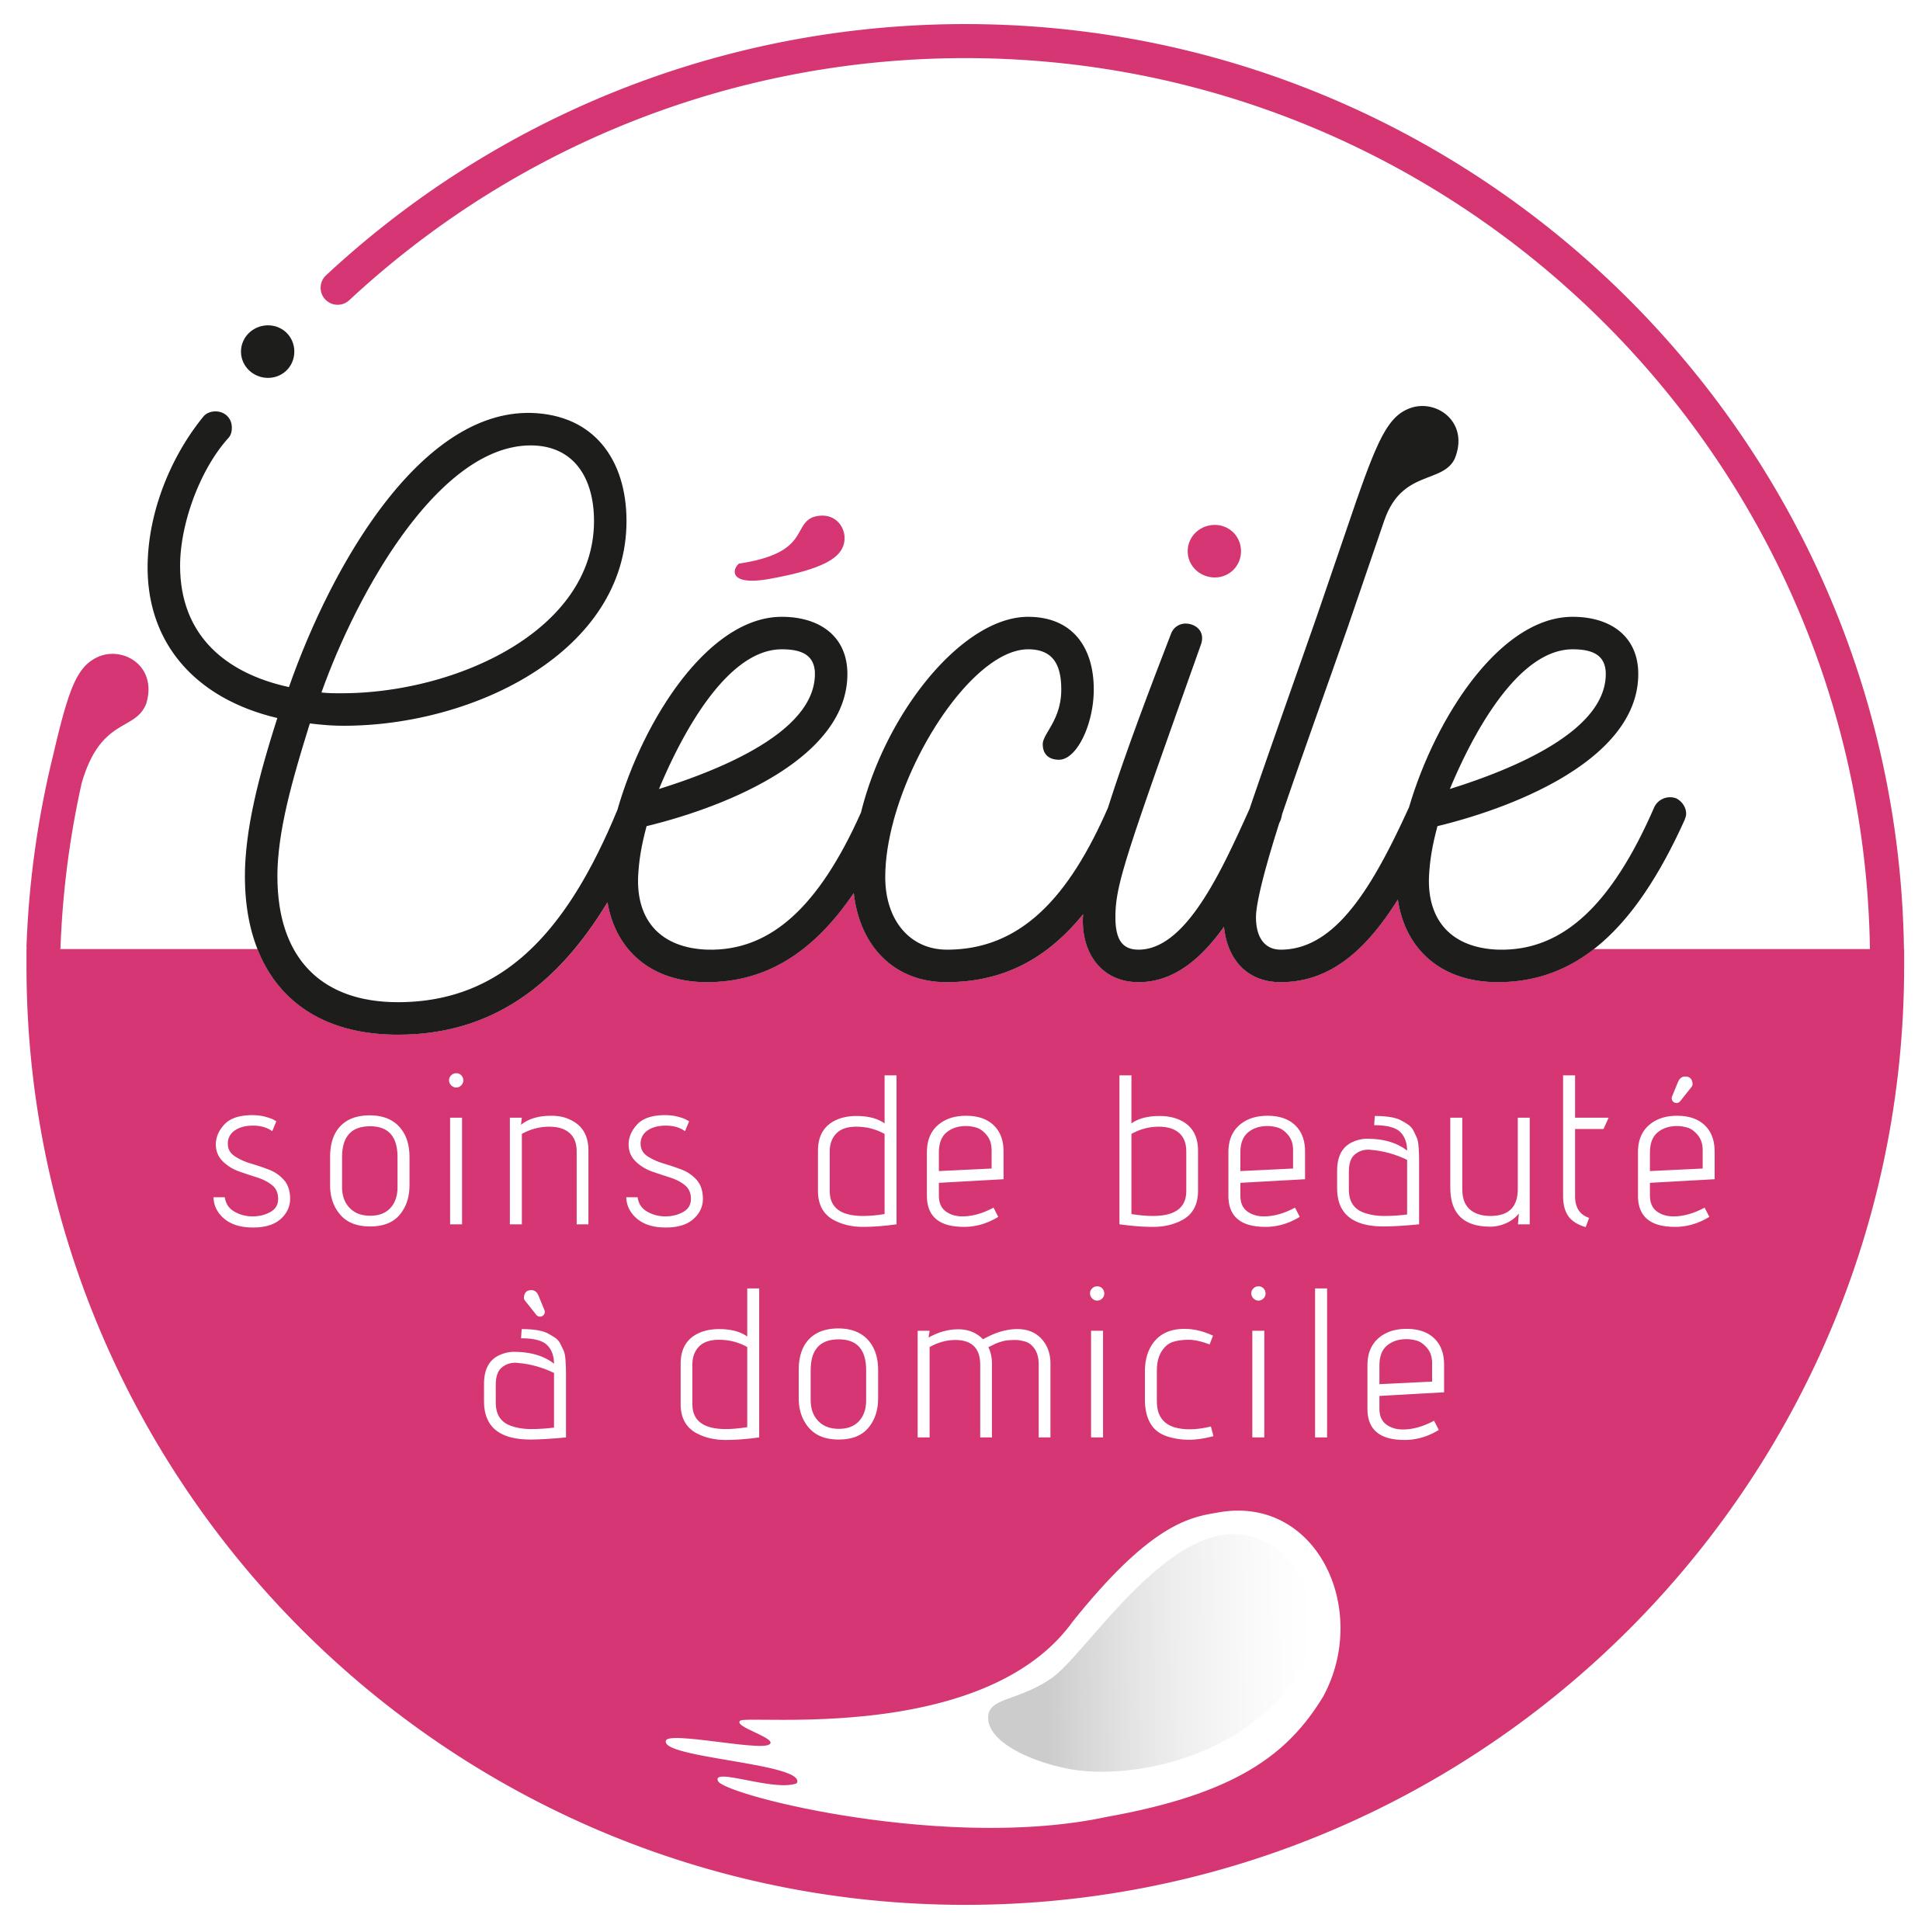 Cécile BOYAUX - Cécile, Soins de beauté à domicile